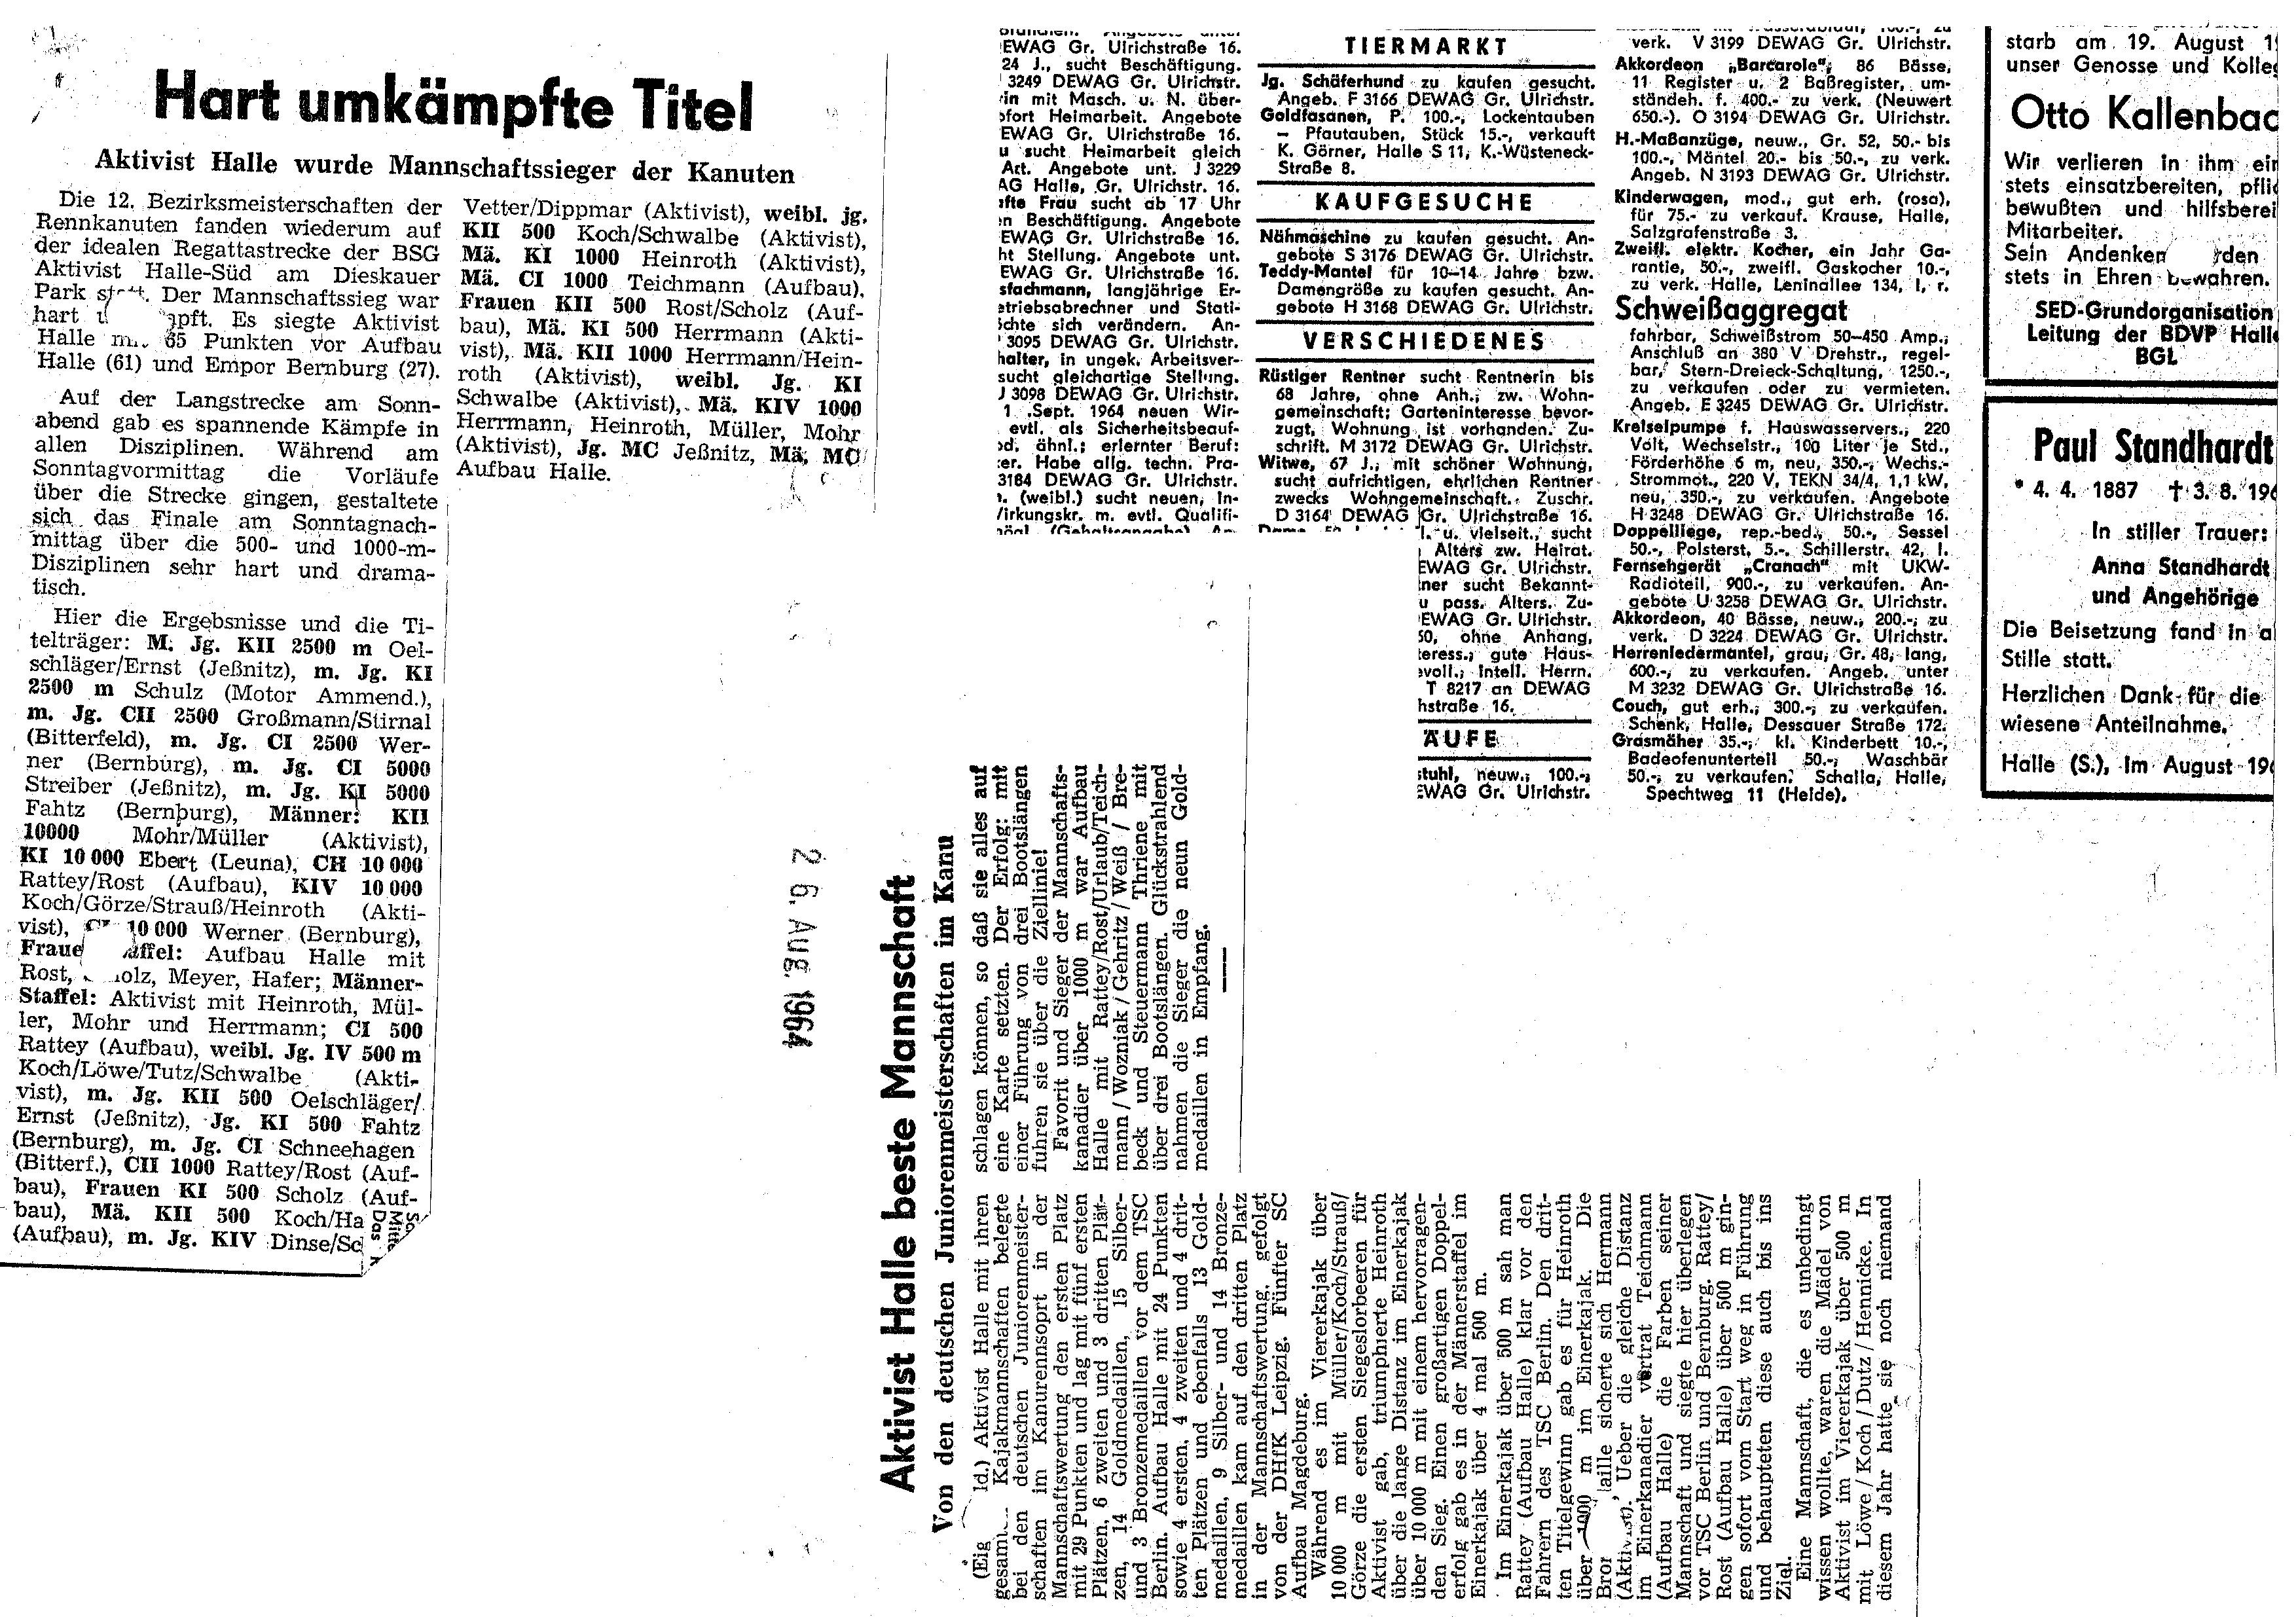 1964-08-26 Hartumkämpfte Titel